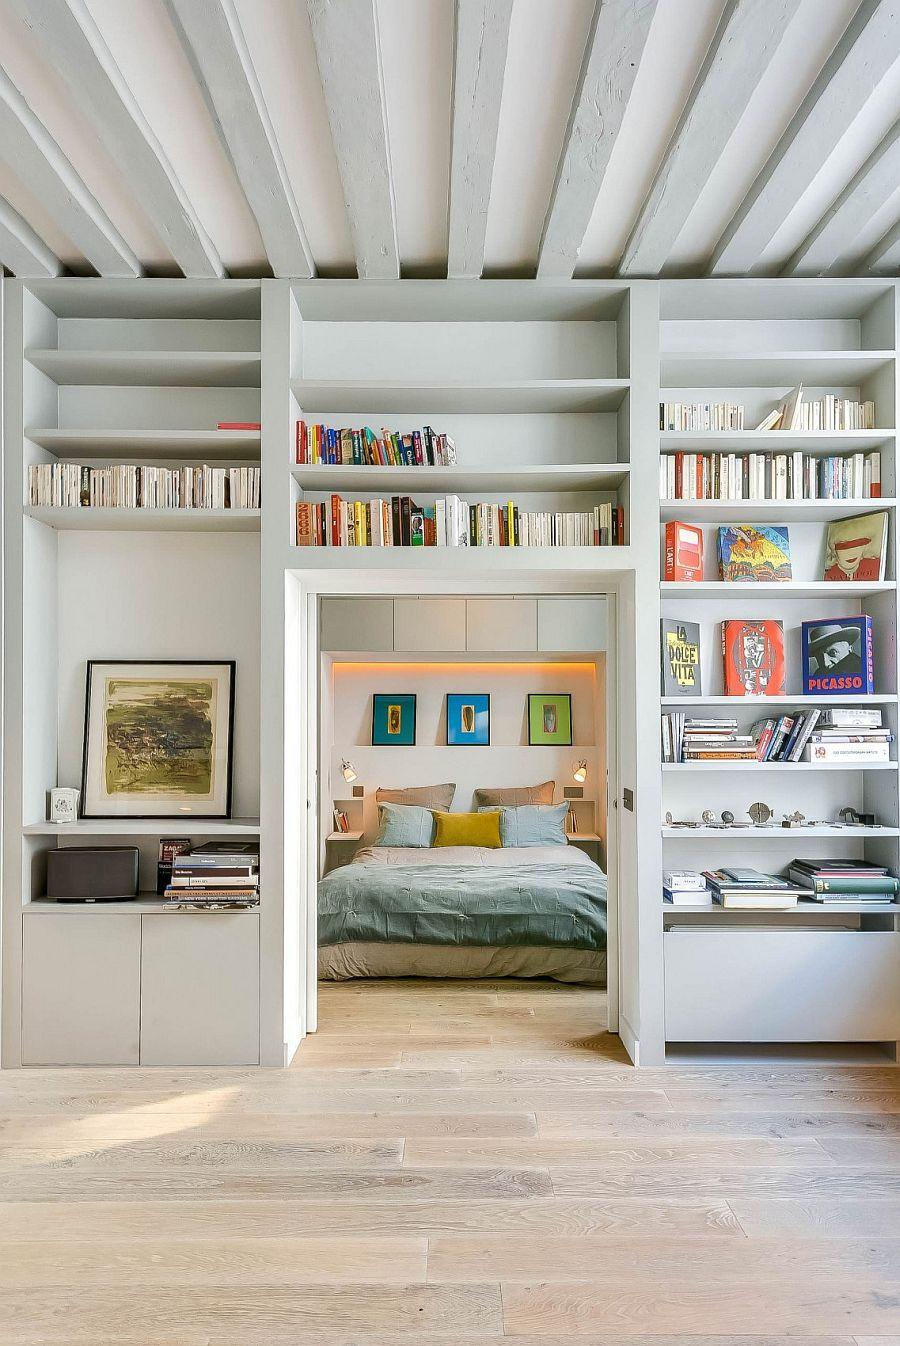 Innenarchitektur für wohnzimmer für kleines haus small paris apartment design ideas solutions for tiny rooms